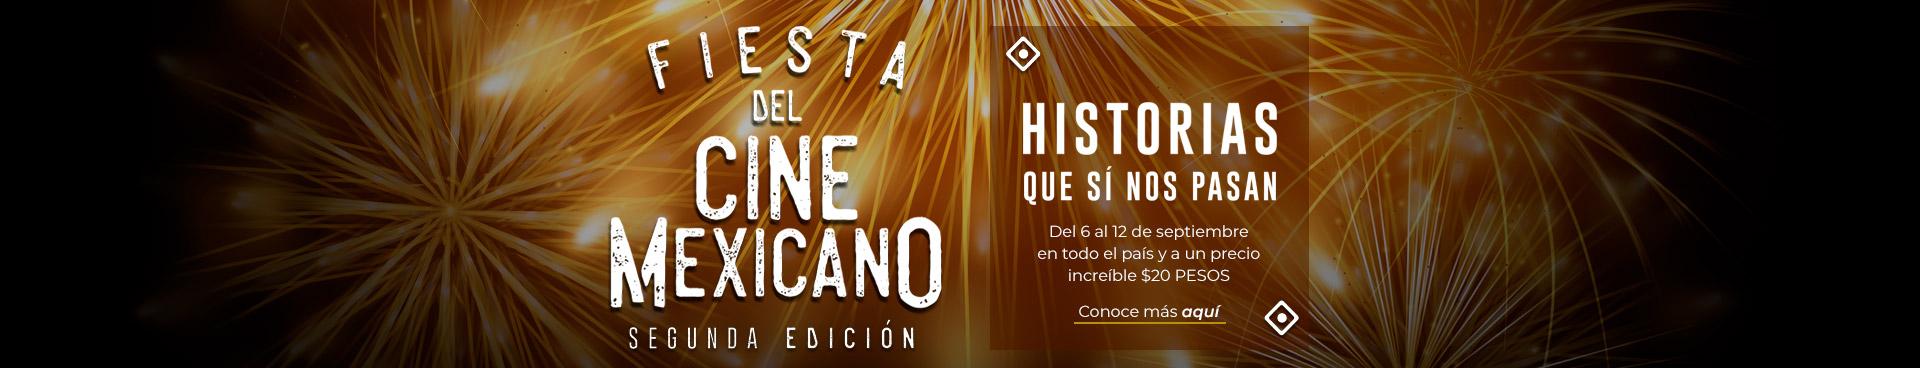 Fiesta de Cine mexicano